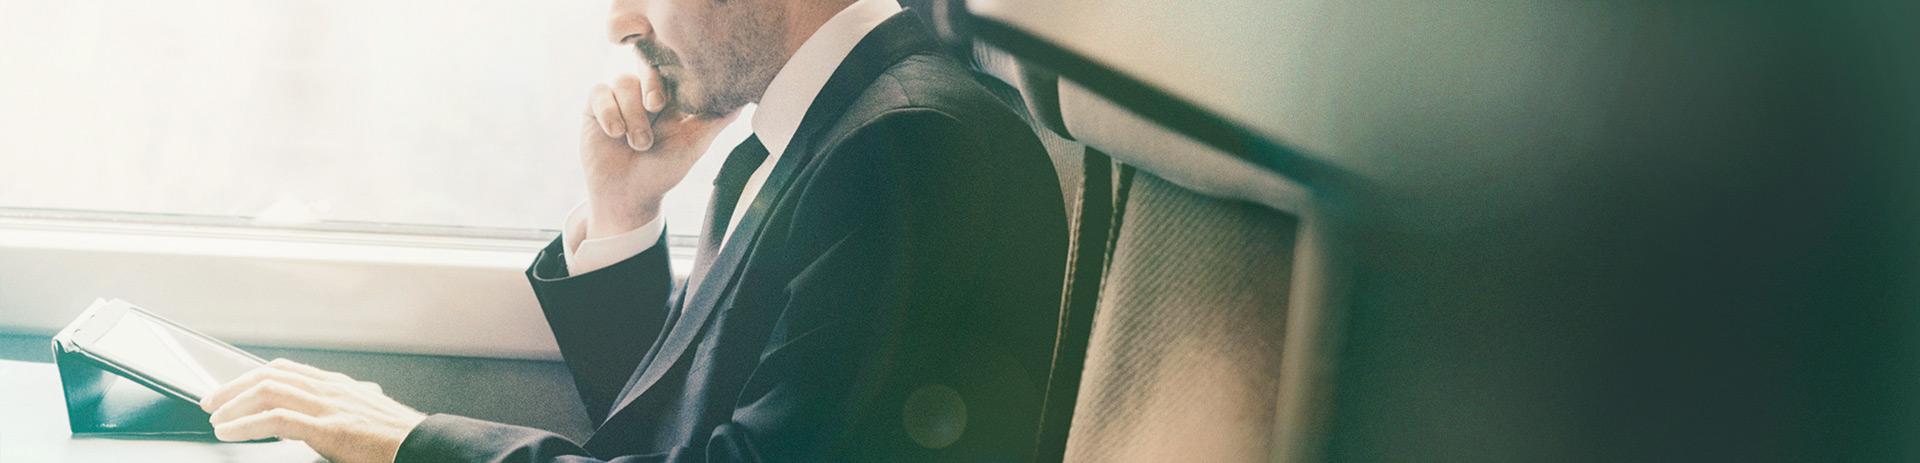 ein Mann im Businessoutfit sitzt in einem Zug und arbeitet auf seinem Tablet